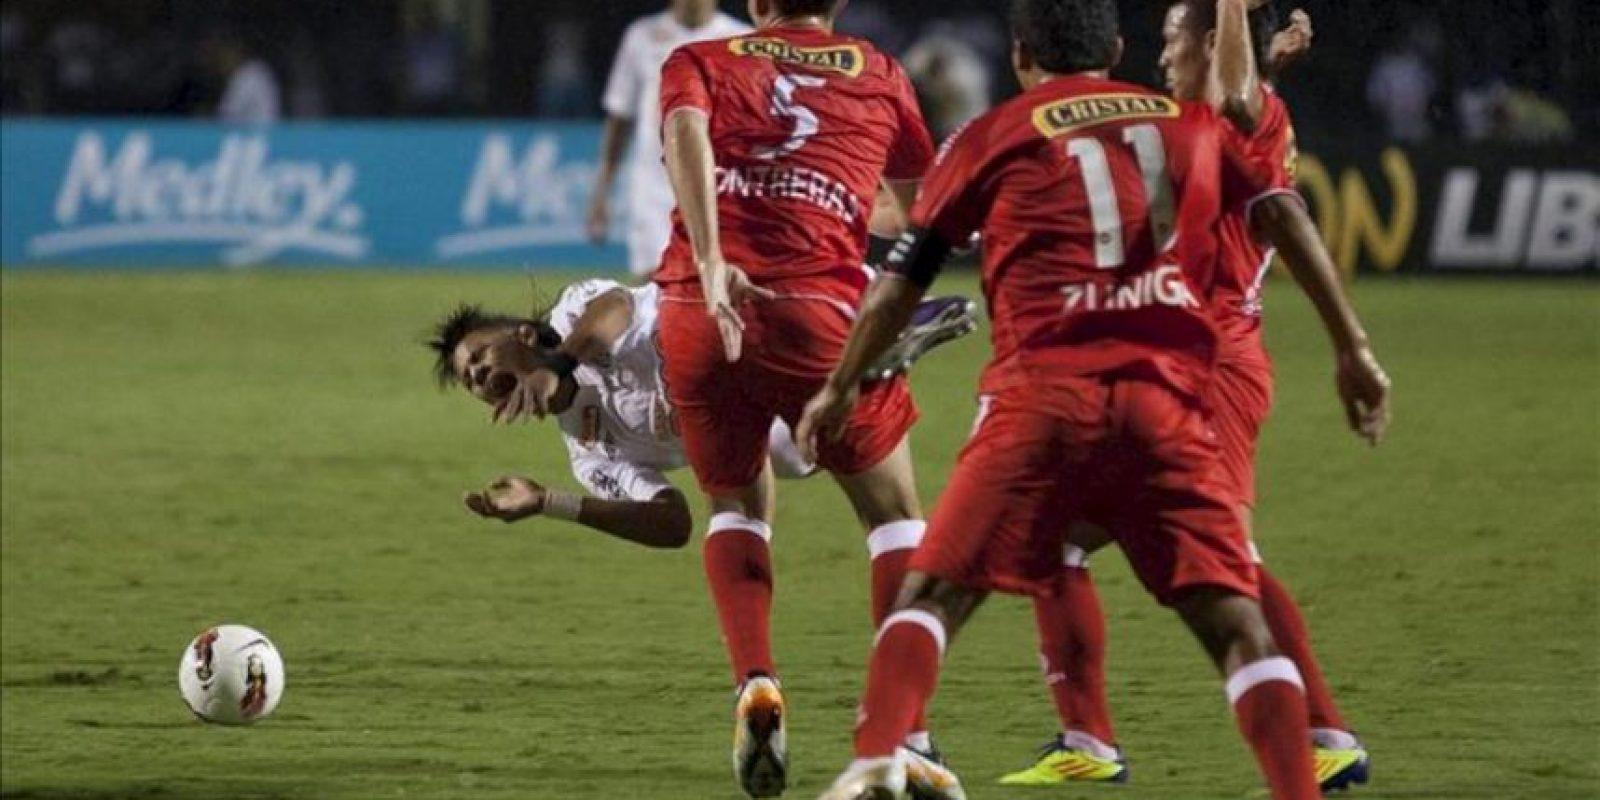 El jugador del Santos de Brasil Neymar (i) disputa el balón con el guardameta Alfredo Rojas (c) de Juan Aurich de Perú, durante el juego de la Copa Libertadores en el estadio Pacaembú de Sao Paulo (Brasil). EFE